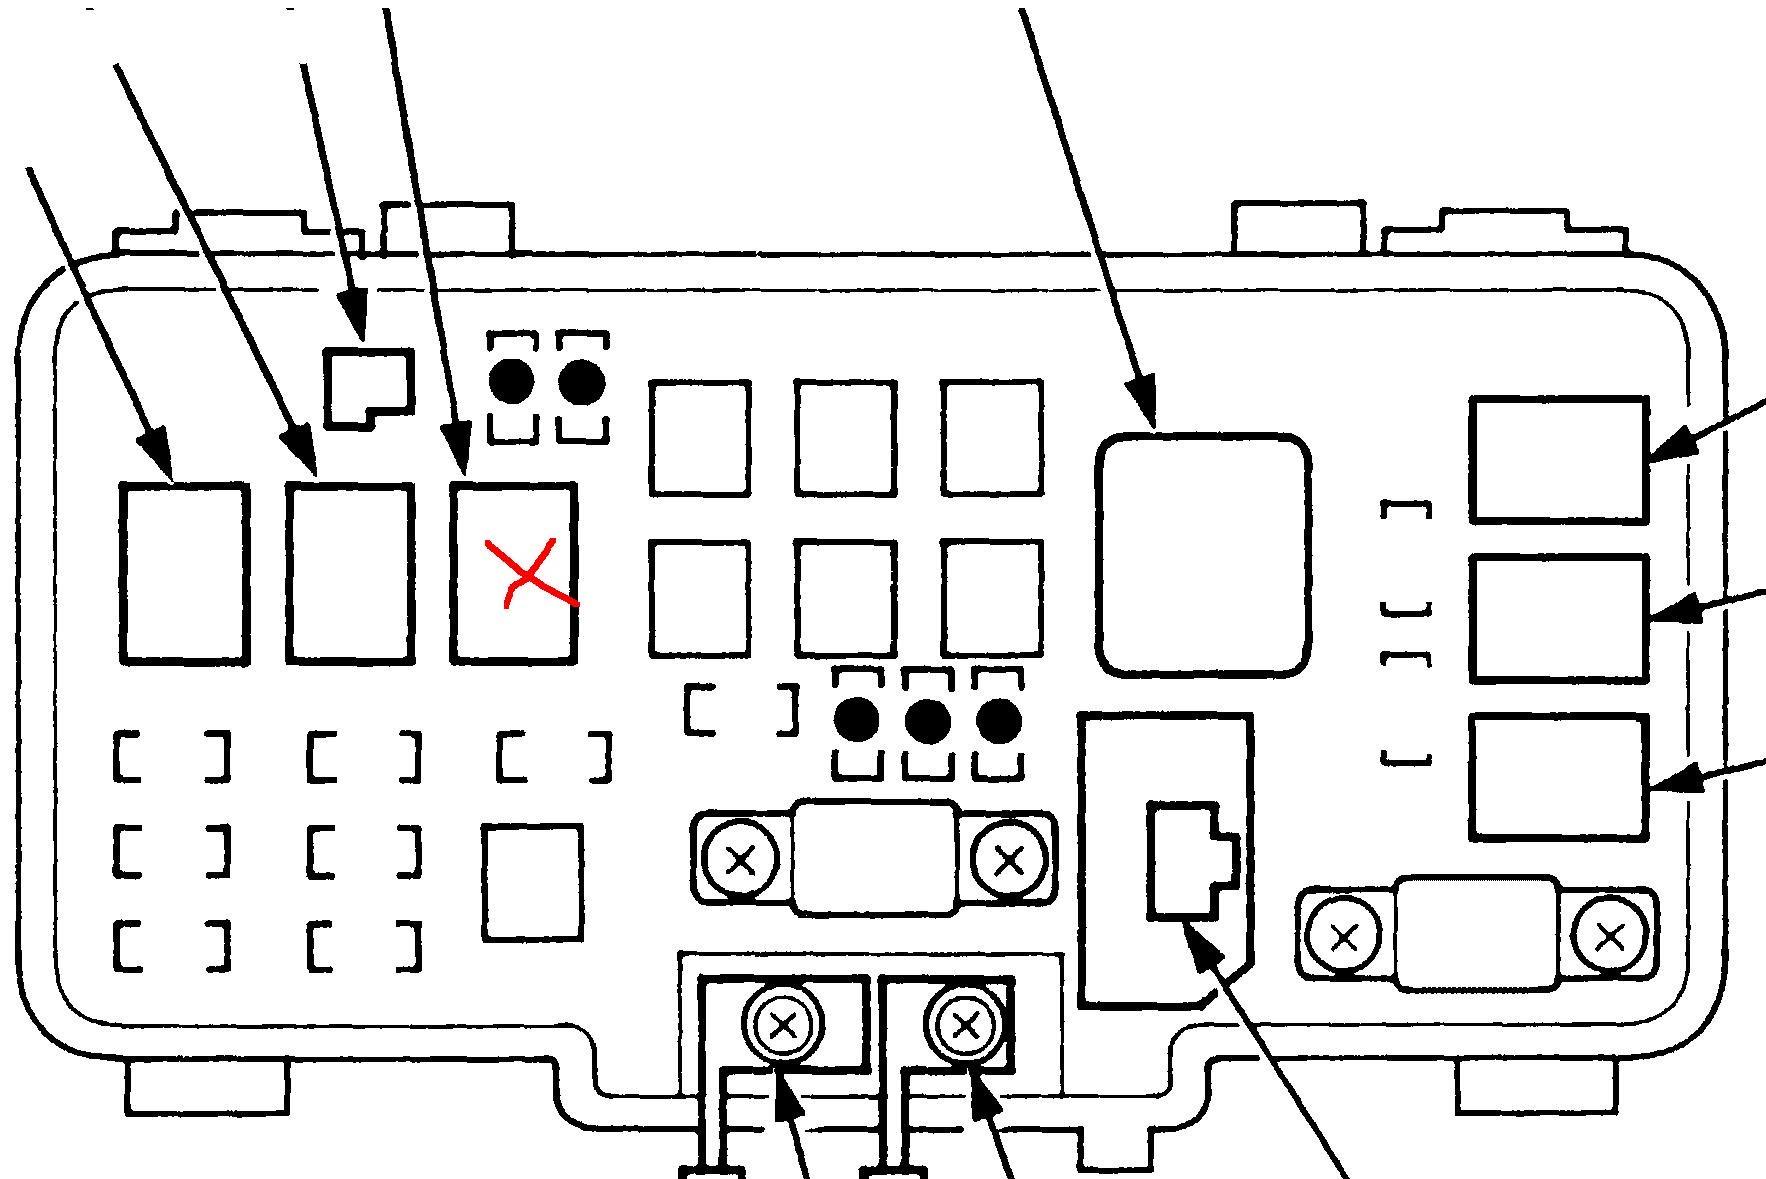 03 honda odyssey tcc wiring diagram ms 4203  honda odyssey transmission wiring diagram free diagram  honda odyssey transmission wiring